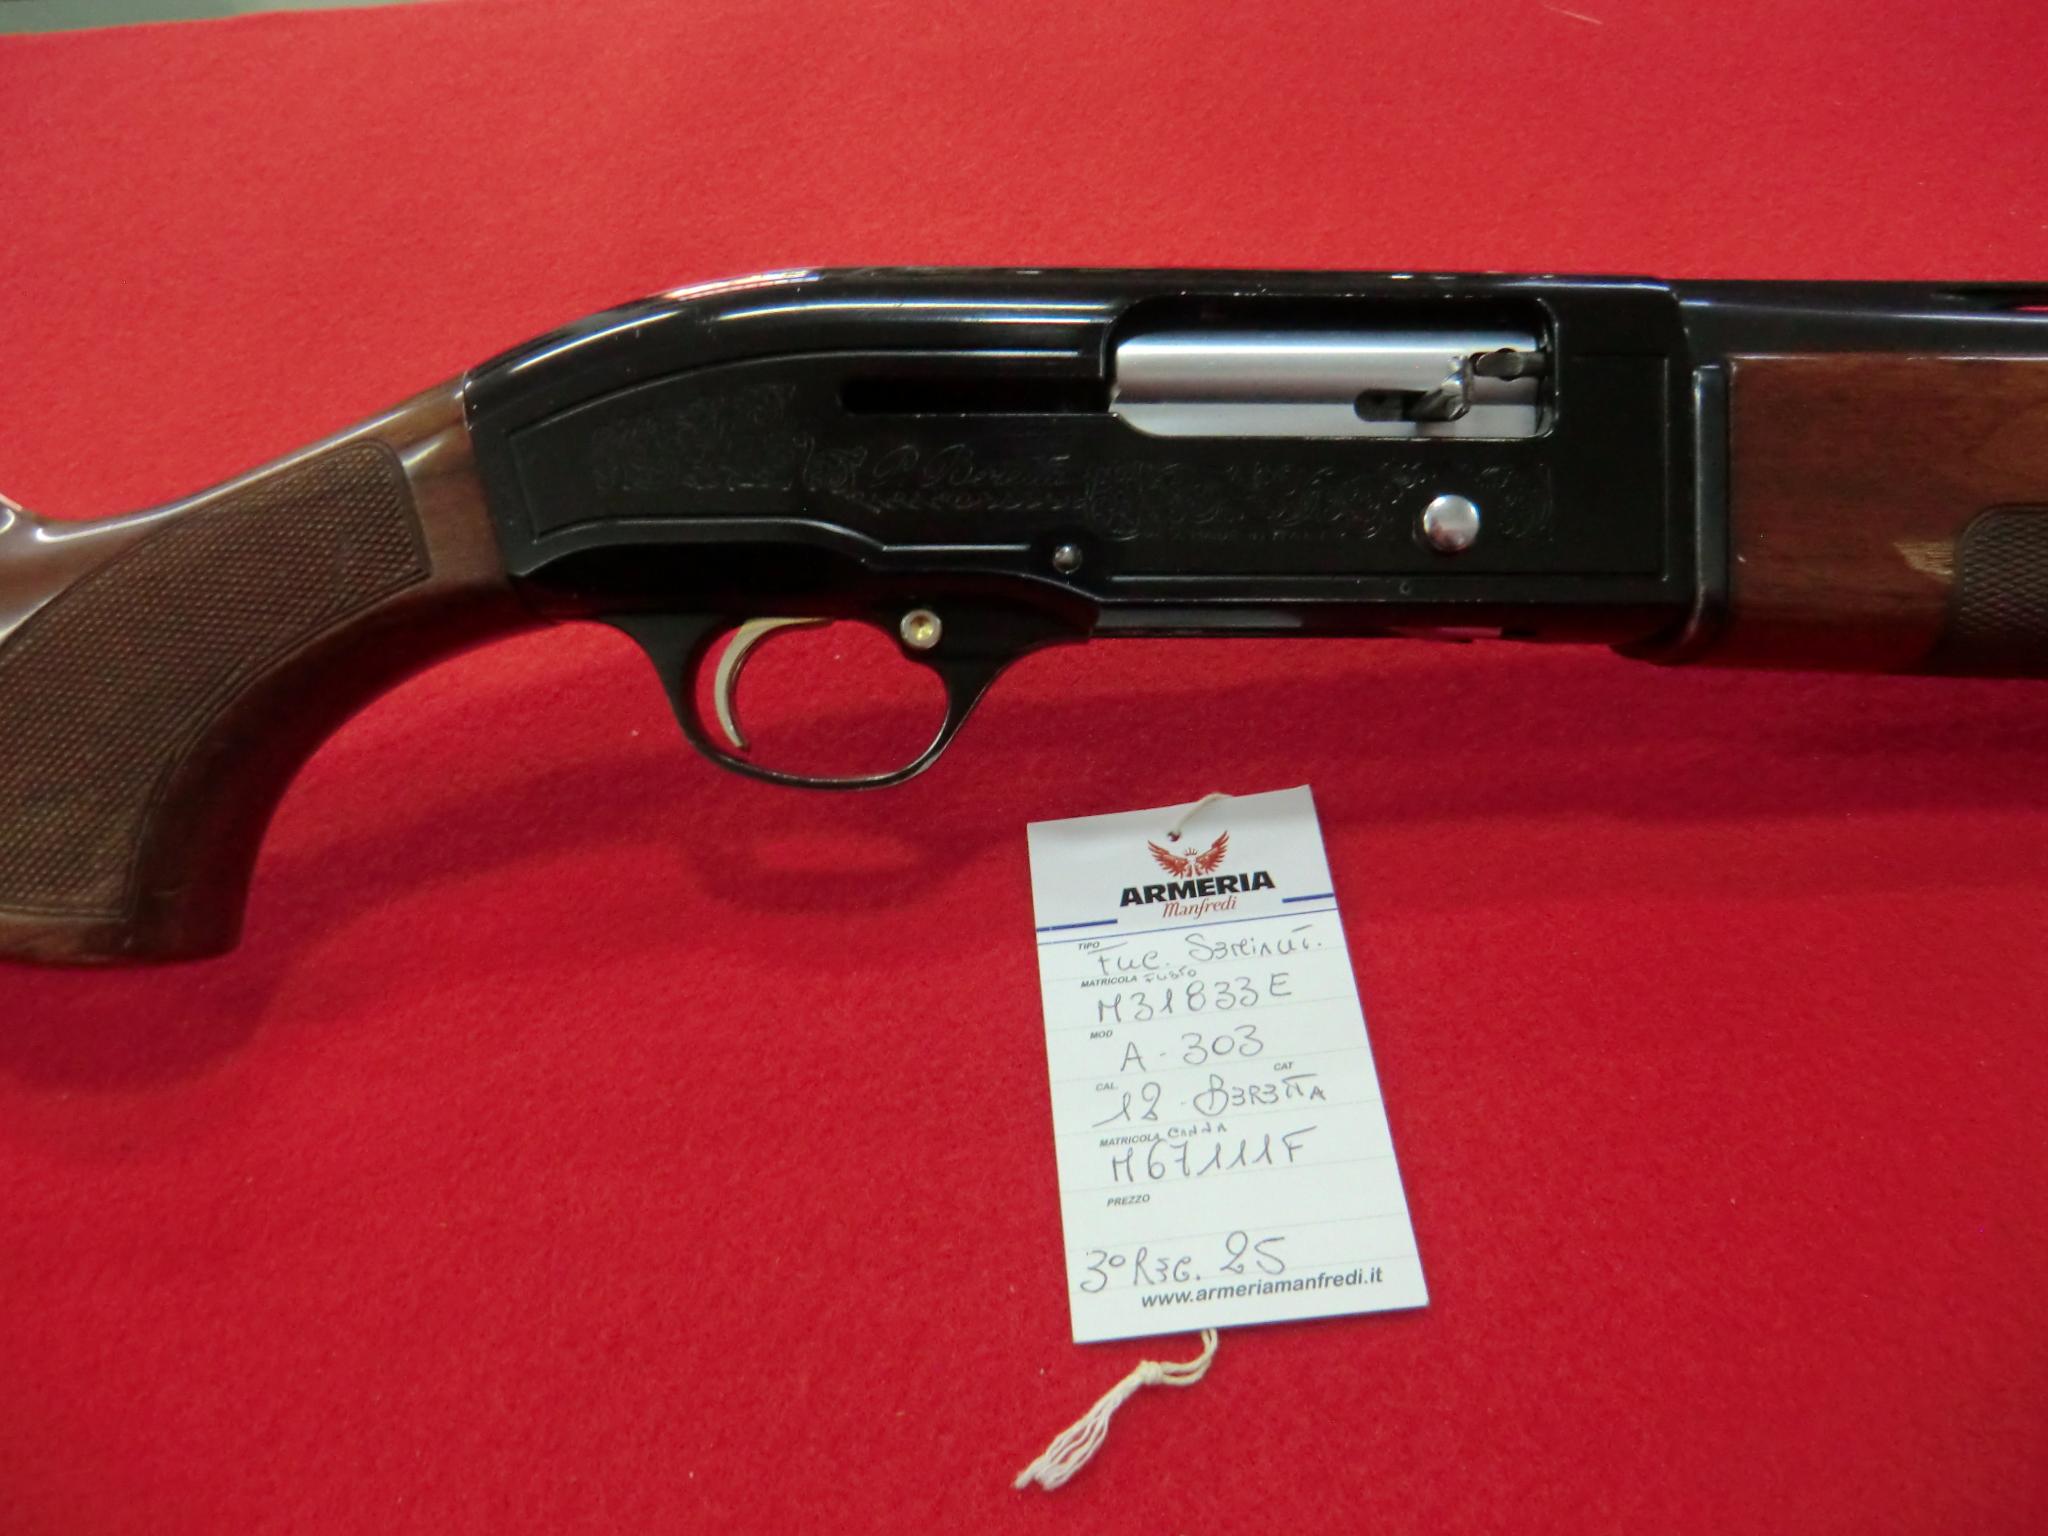 Beretta modello A 303 calibro 12 canna 71